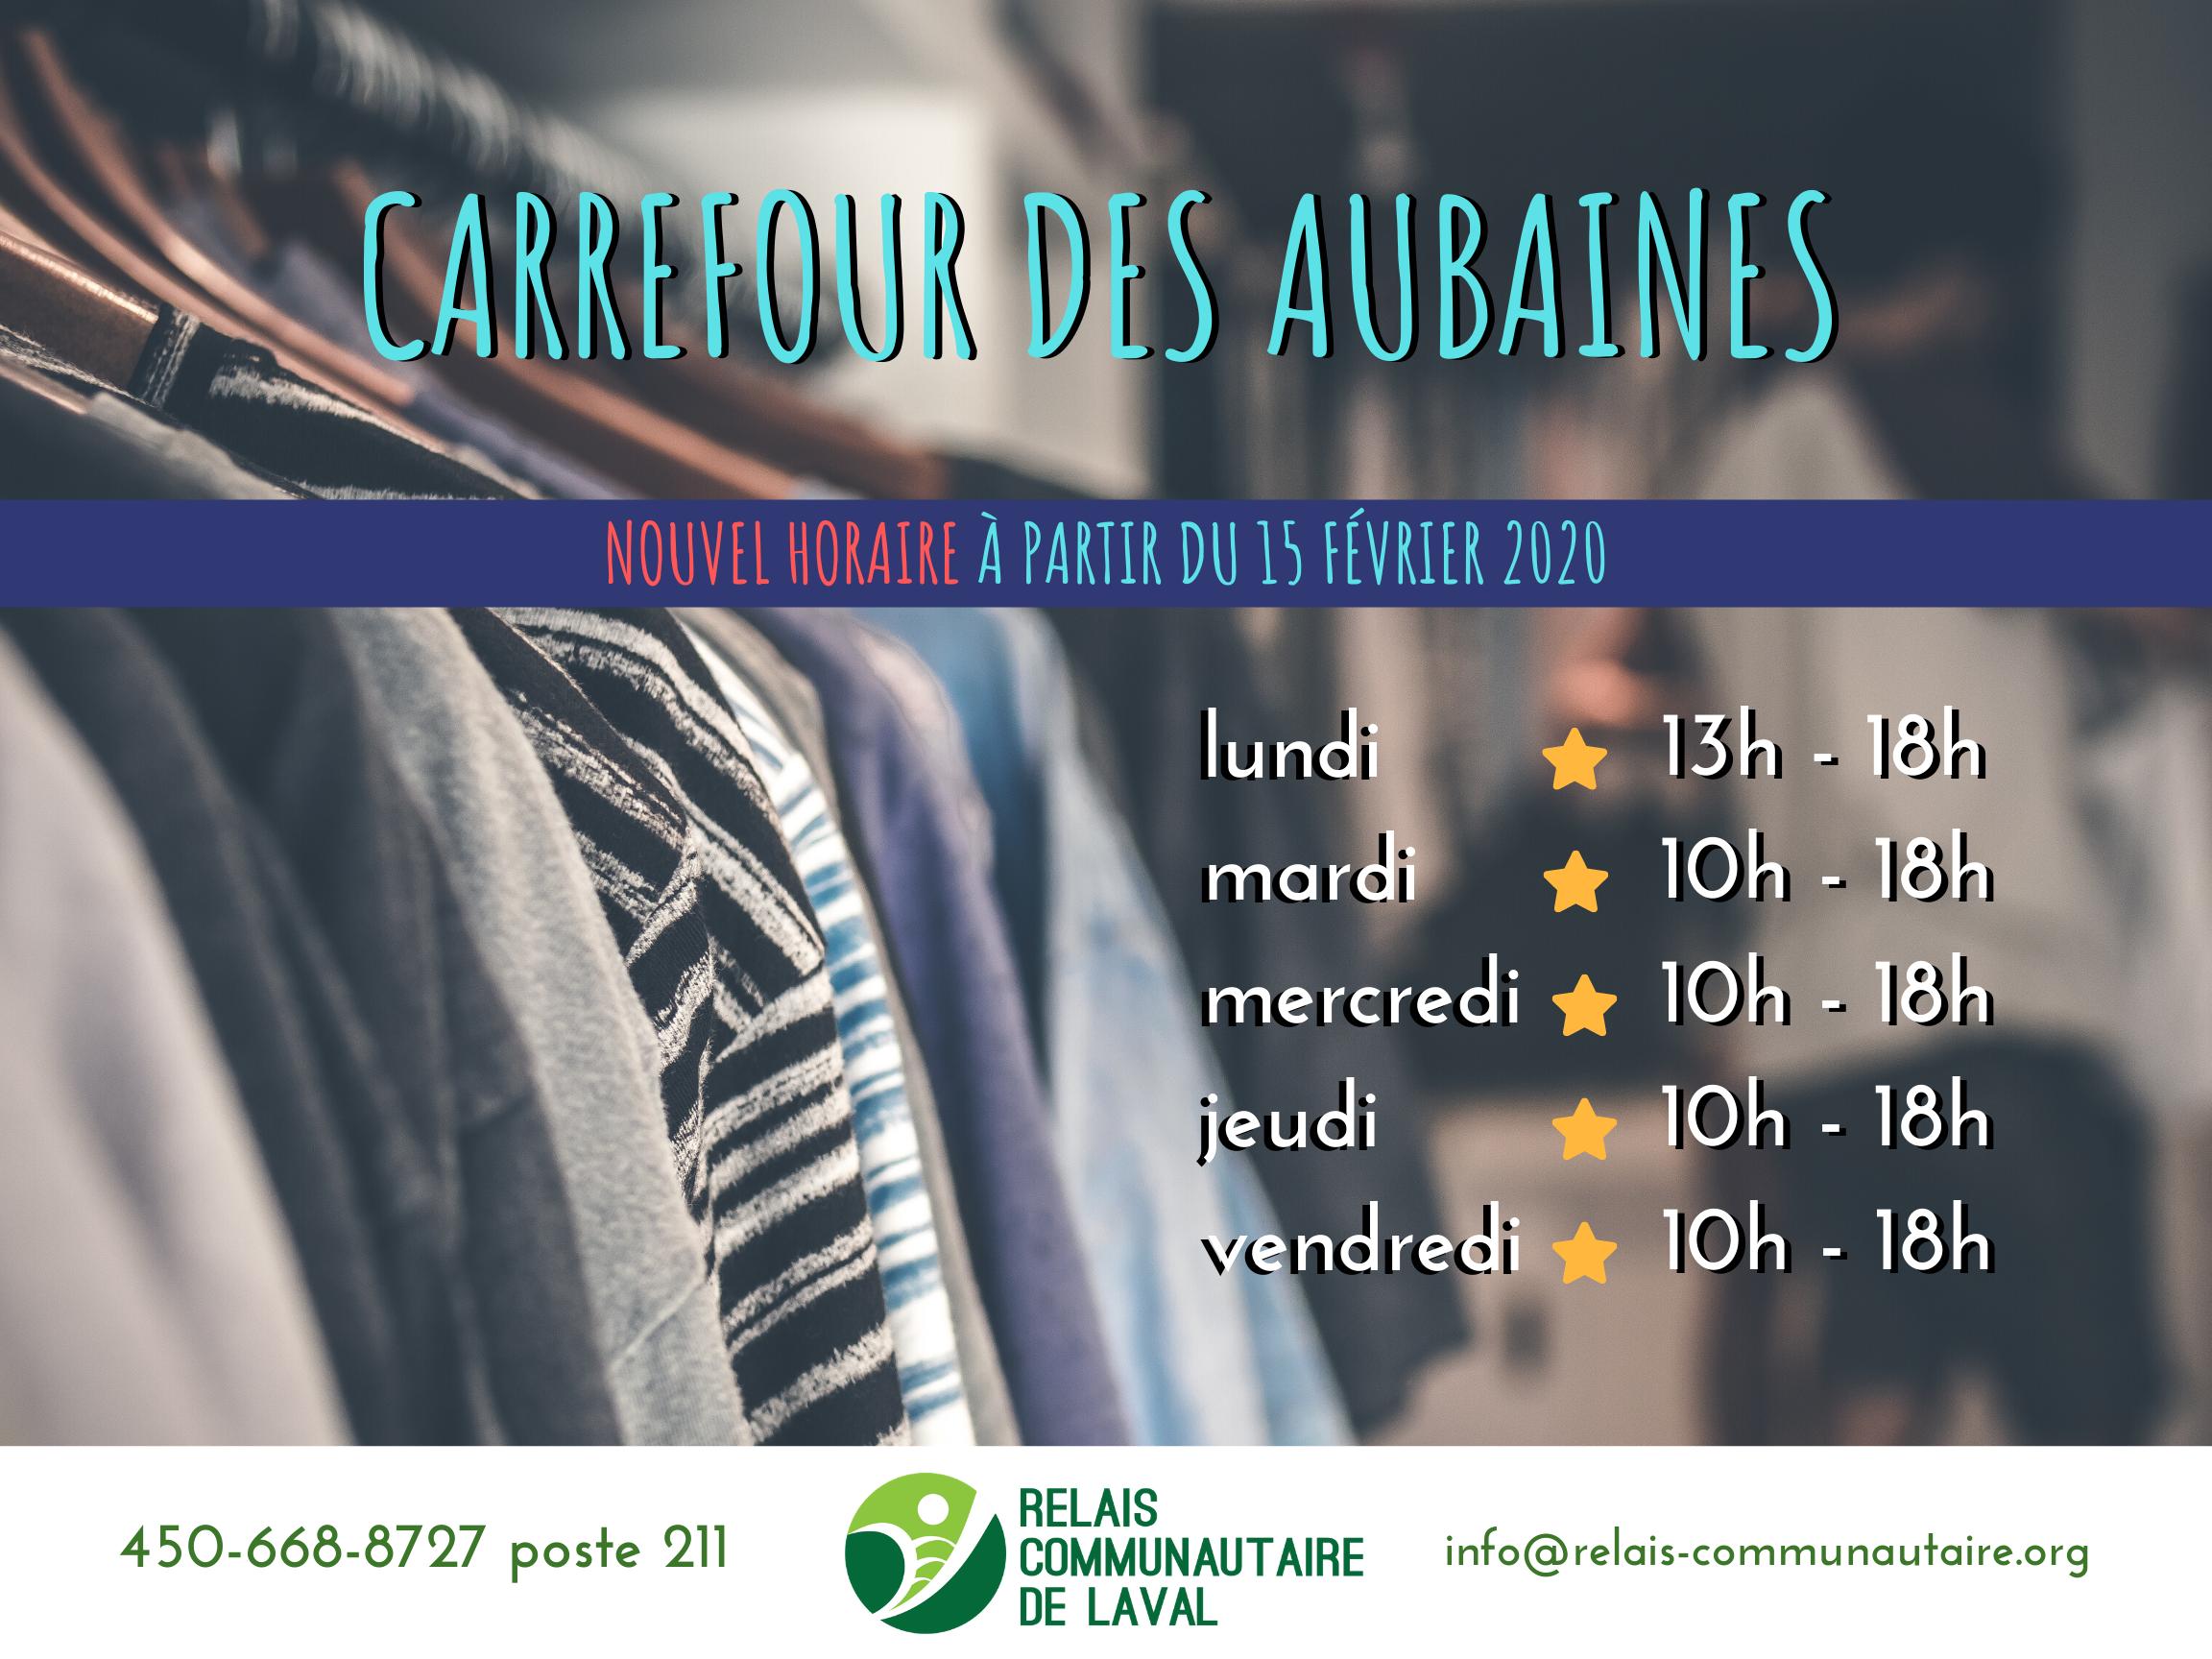 Carrefour Des Aubaines Relais Communautaire De Laval